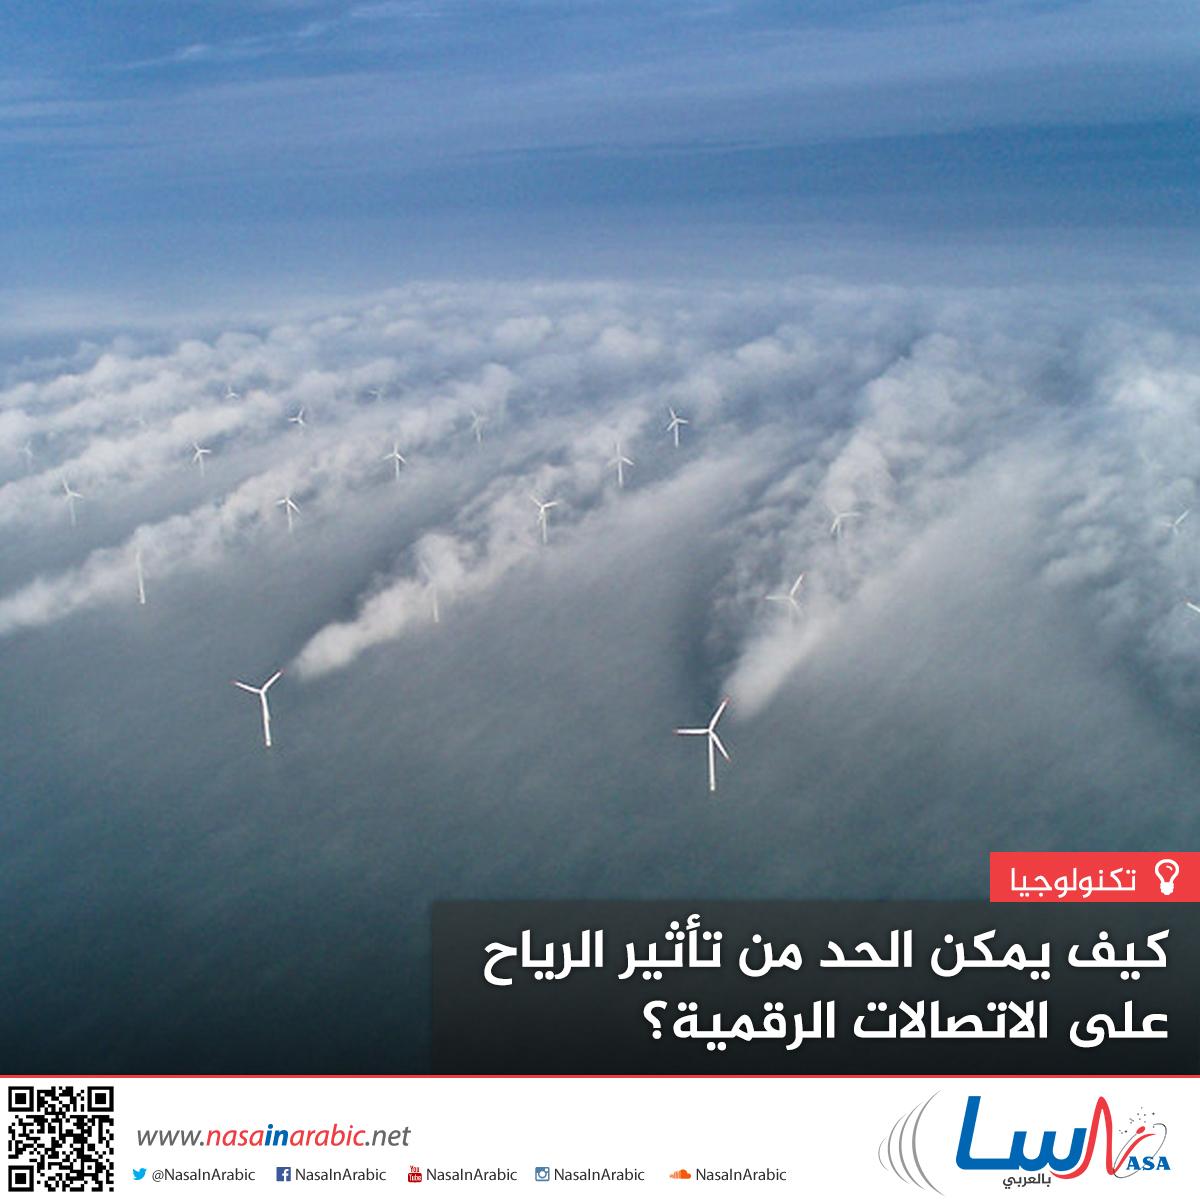 كيف يمكن الحد من تأثير الرياح على الاتصالات الرقمية؟